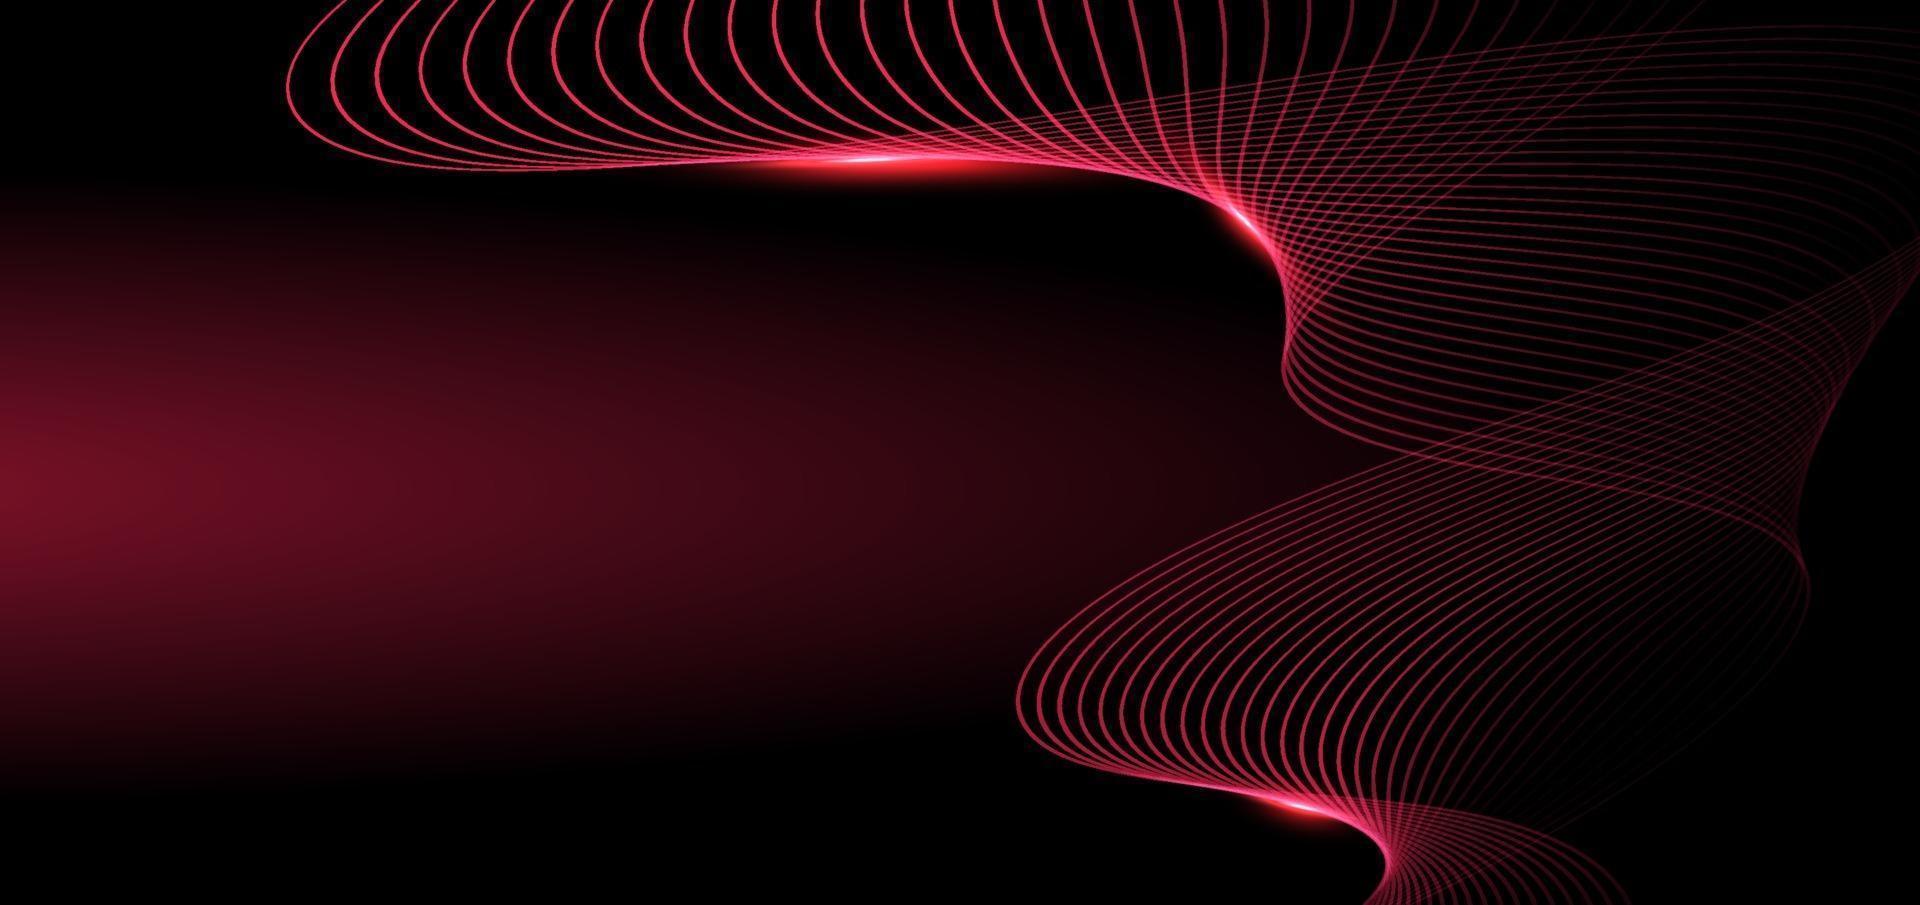 abstrakt glödande våg röda linjer på mörk bakgrund. teknik koncept. vektor